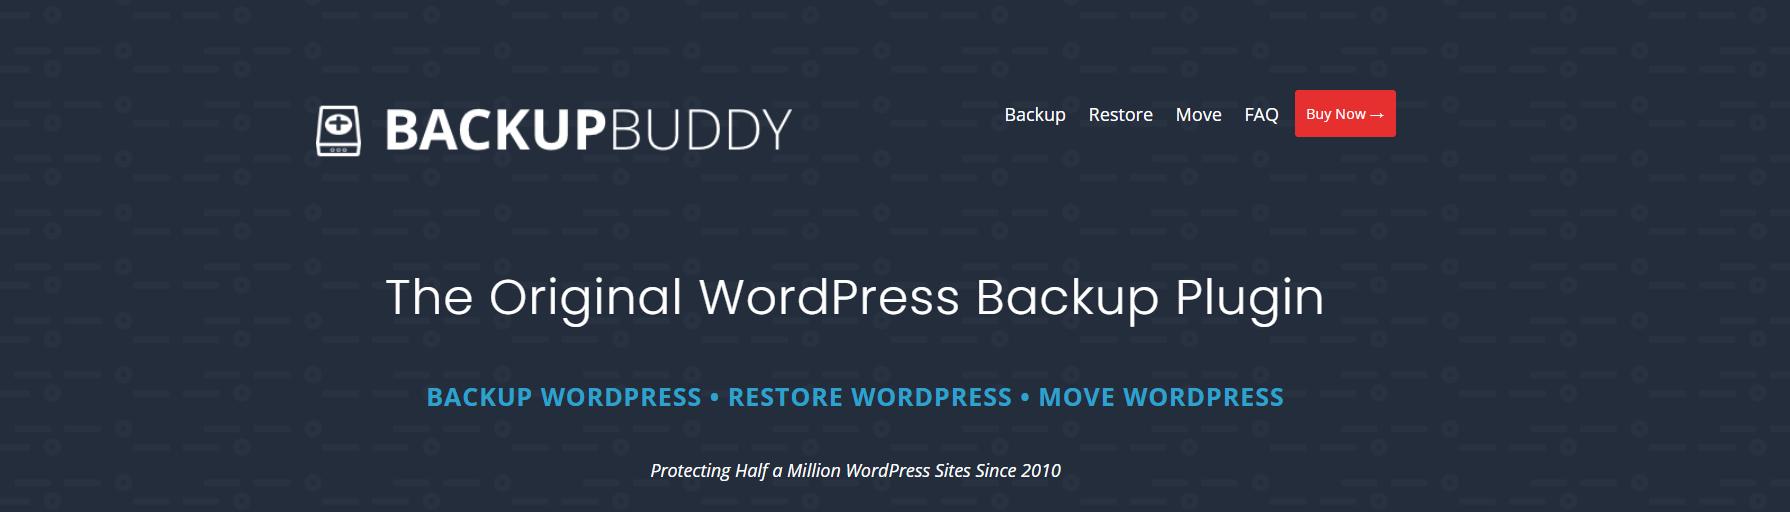 Backup Buddy é um plugin de migração WordPress completo com a opção de fazer backup e mover seu site.